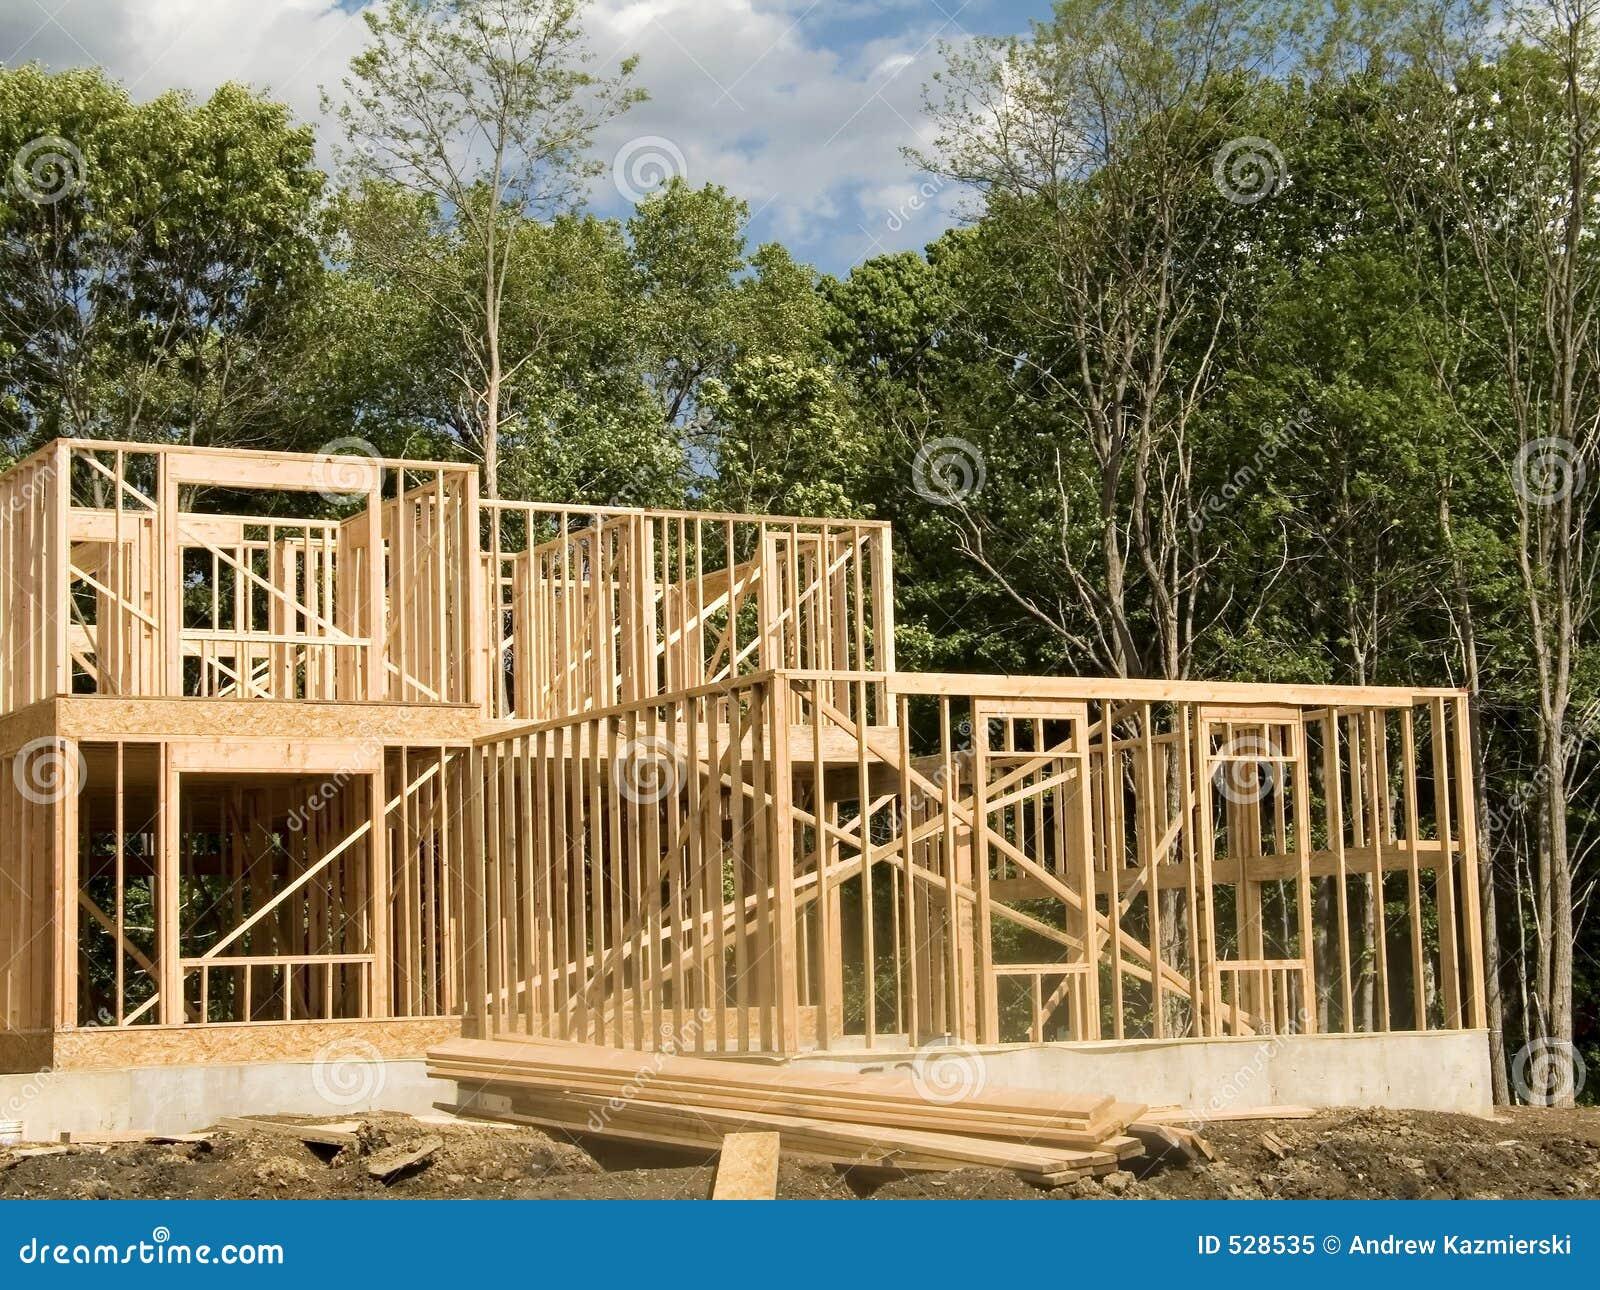 Download 木屋 库存图片. 图片 包括有 房子, 批次, 木匠业, 地产, 结构树, 梦想, 庄园, 实际, 框架, 积累 - 528535